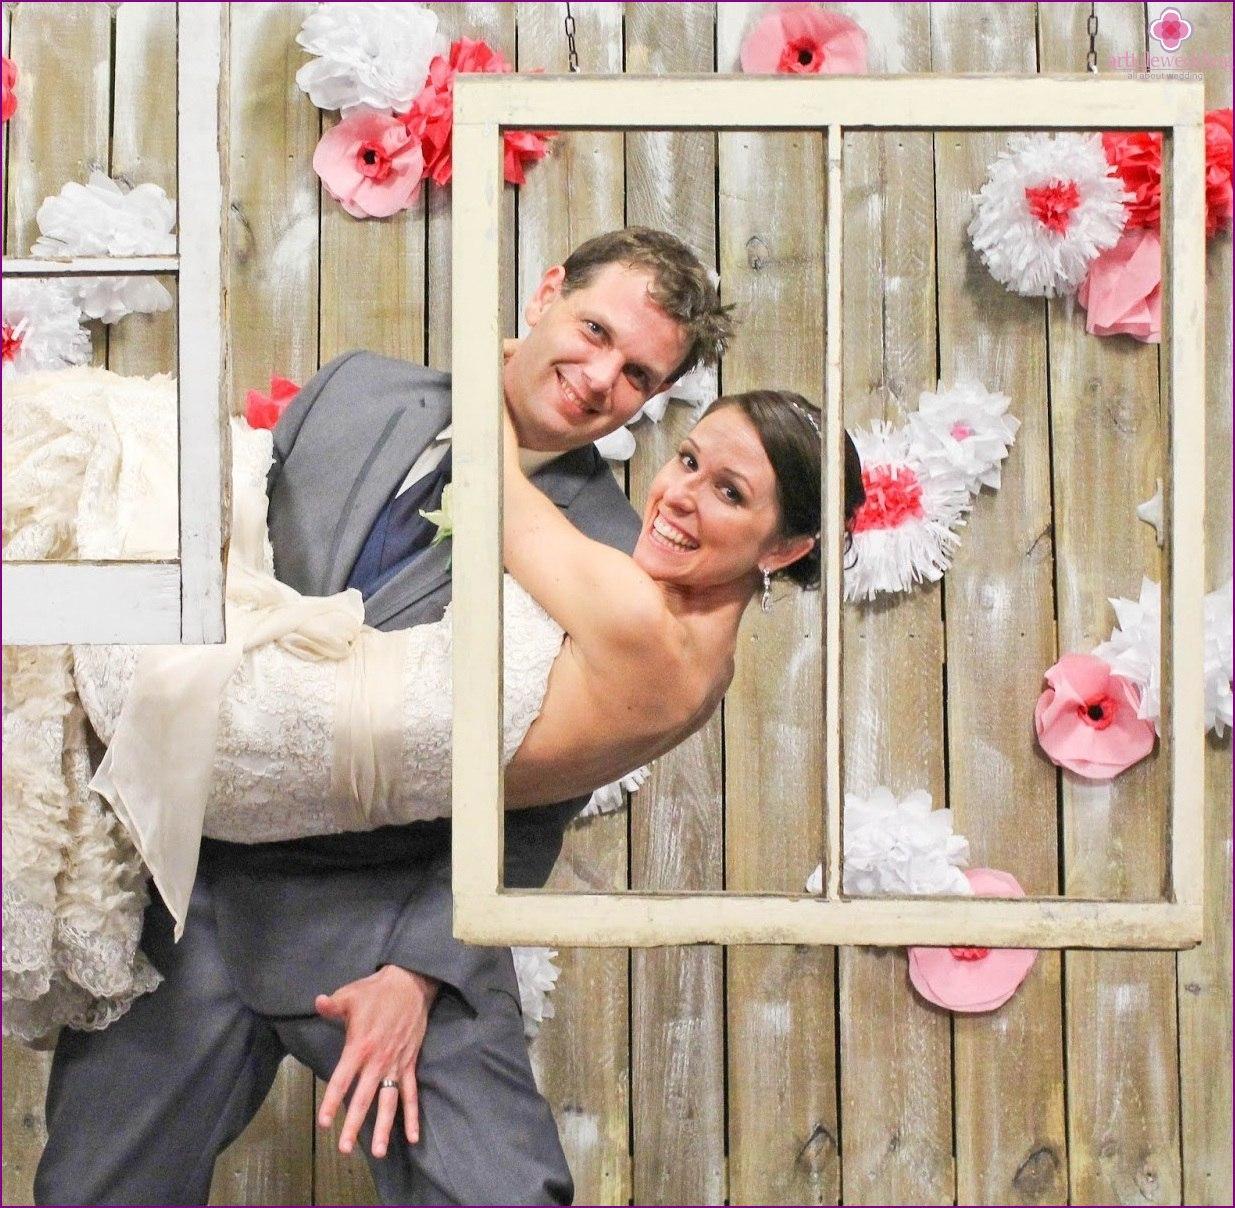 8ldPqetEml8 - Модные тенденции в оформлении фотозоны на свадьбе в сезоне 2017 (30 фото)